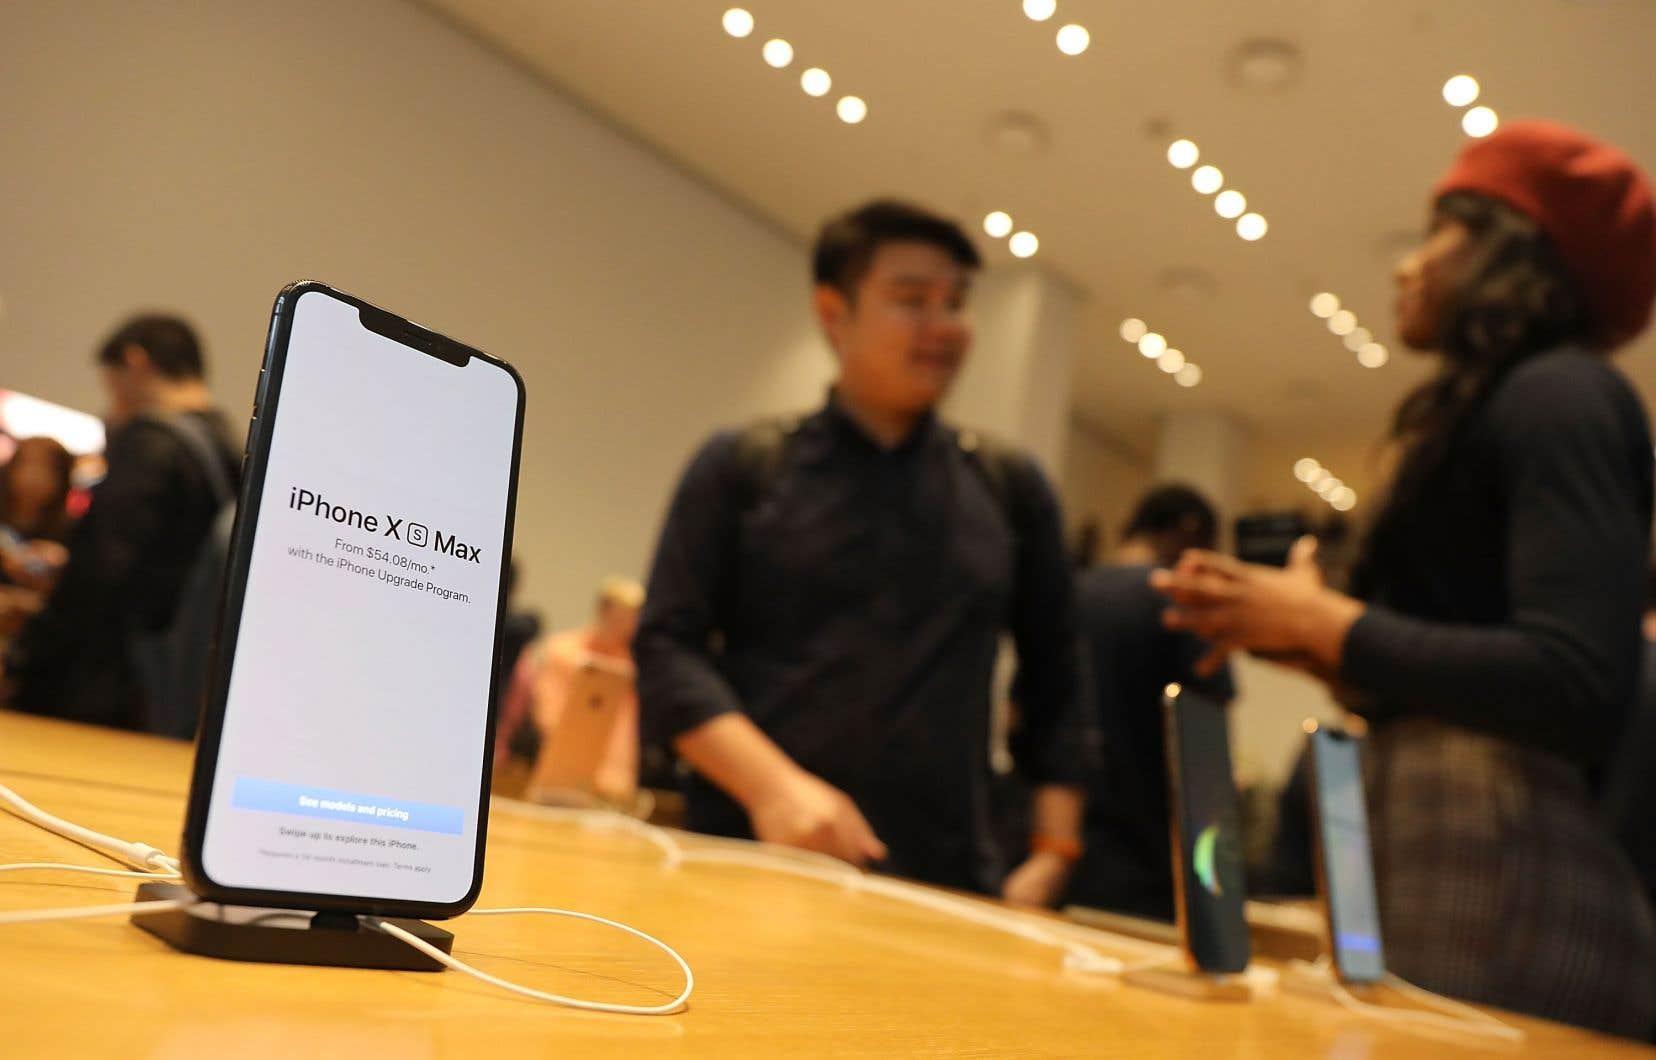 Malgré les polémiques, Apple continue d'engranger des bénéfices records ces dernières années.